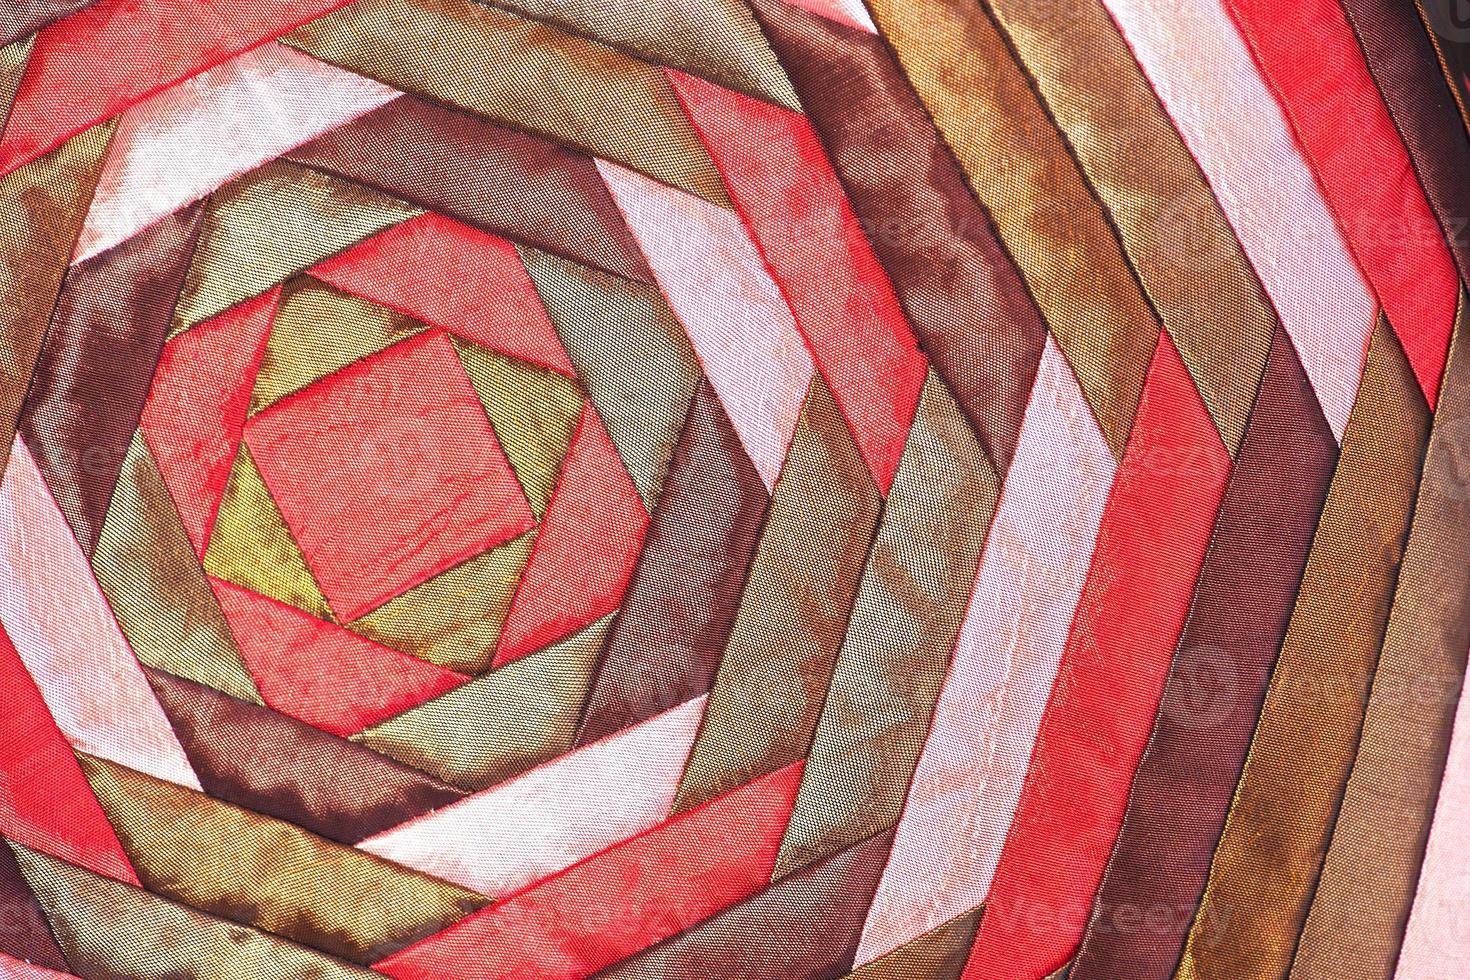 färgglada thailändska sidenhantverk peruansk stil matta ytan närbild foto